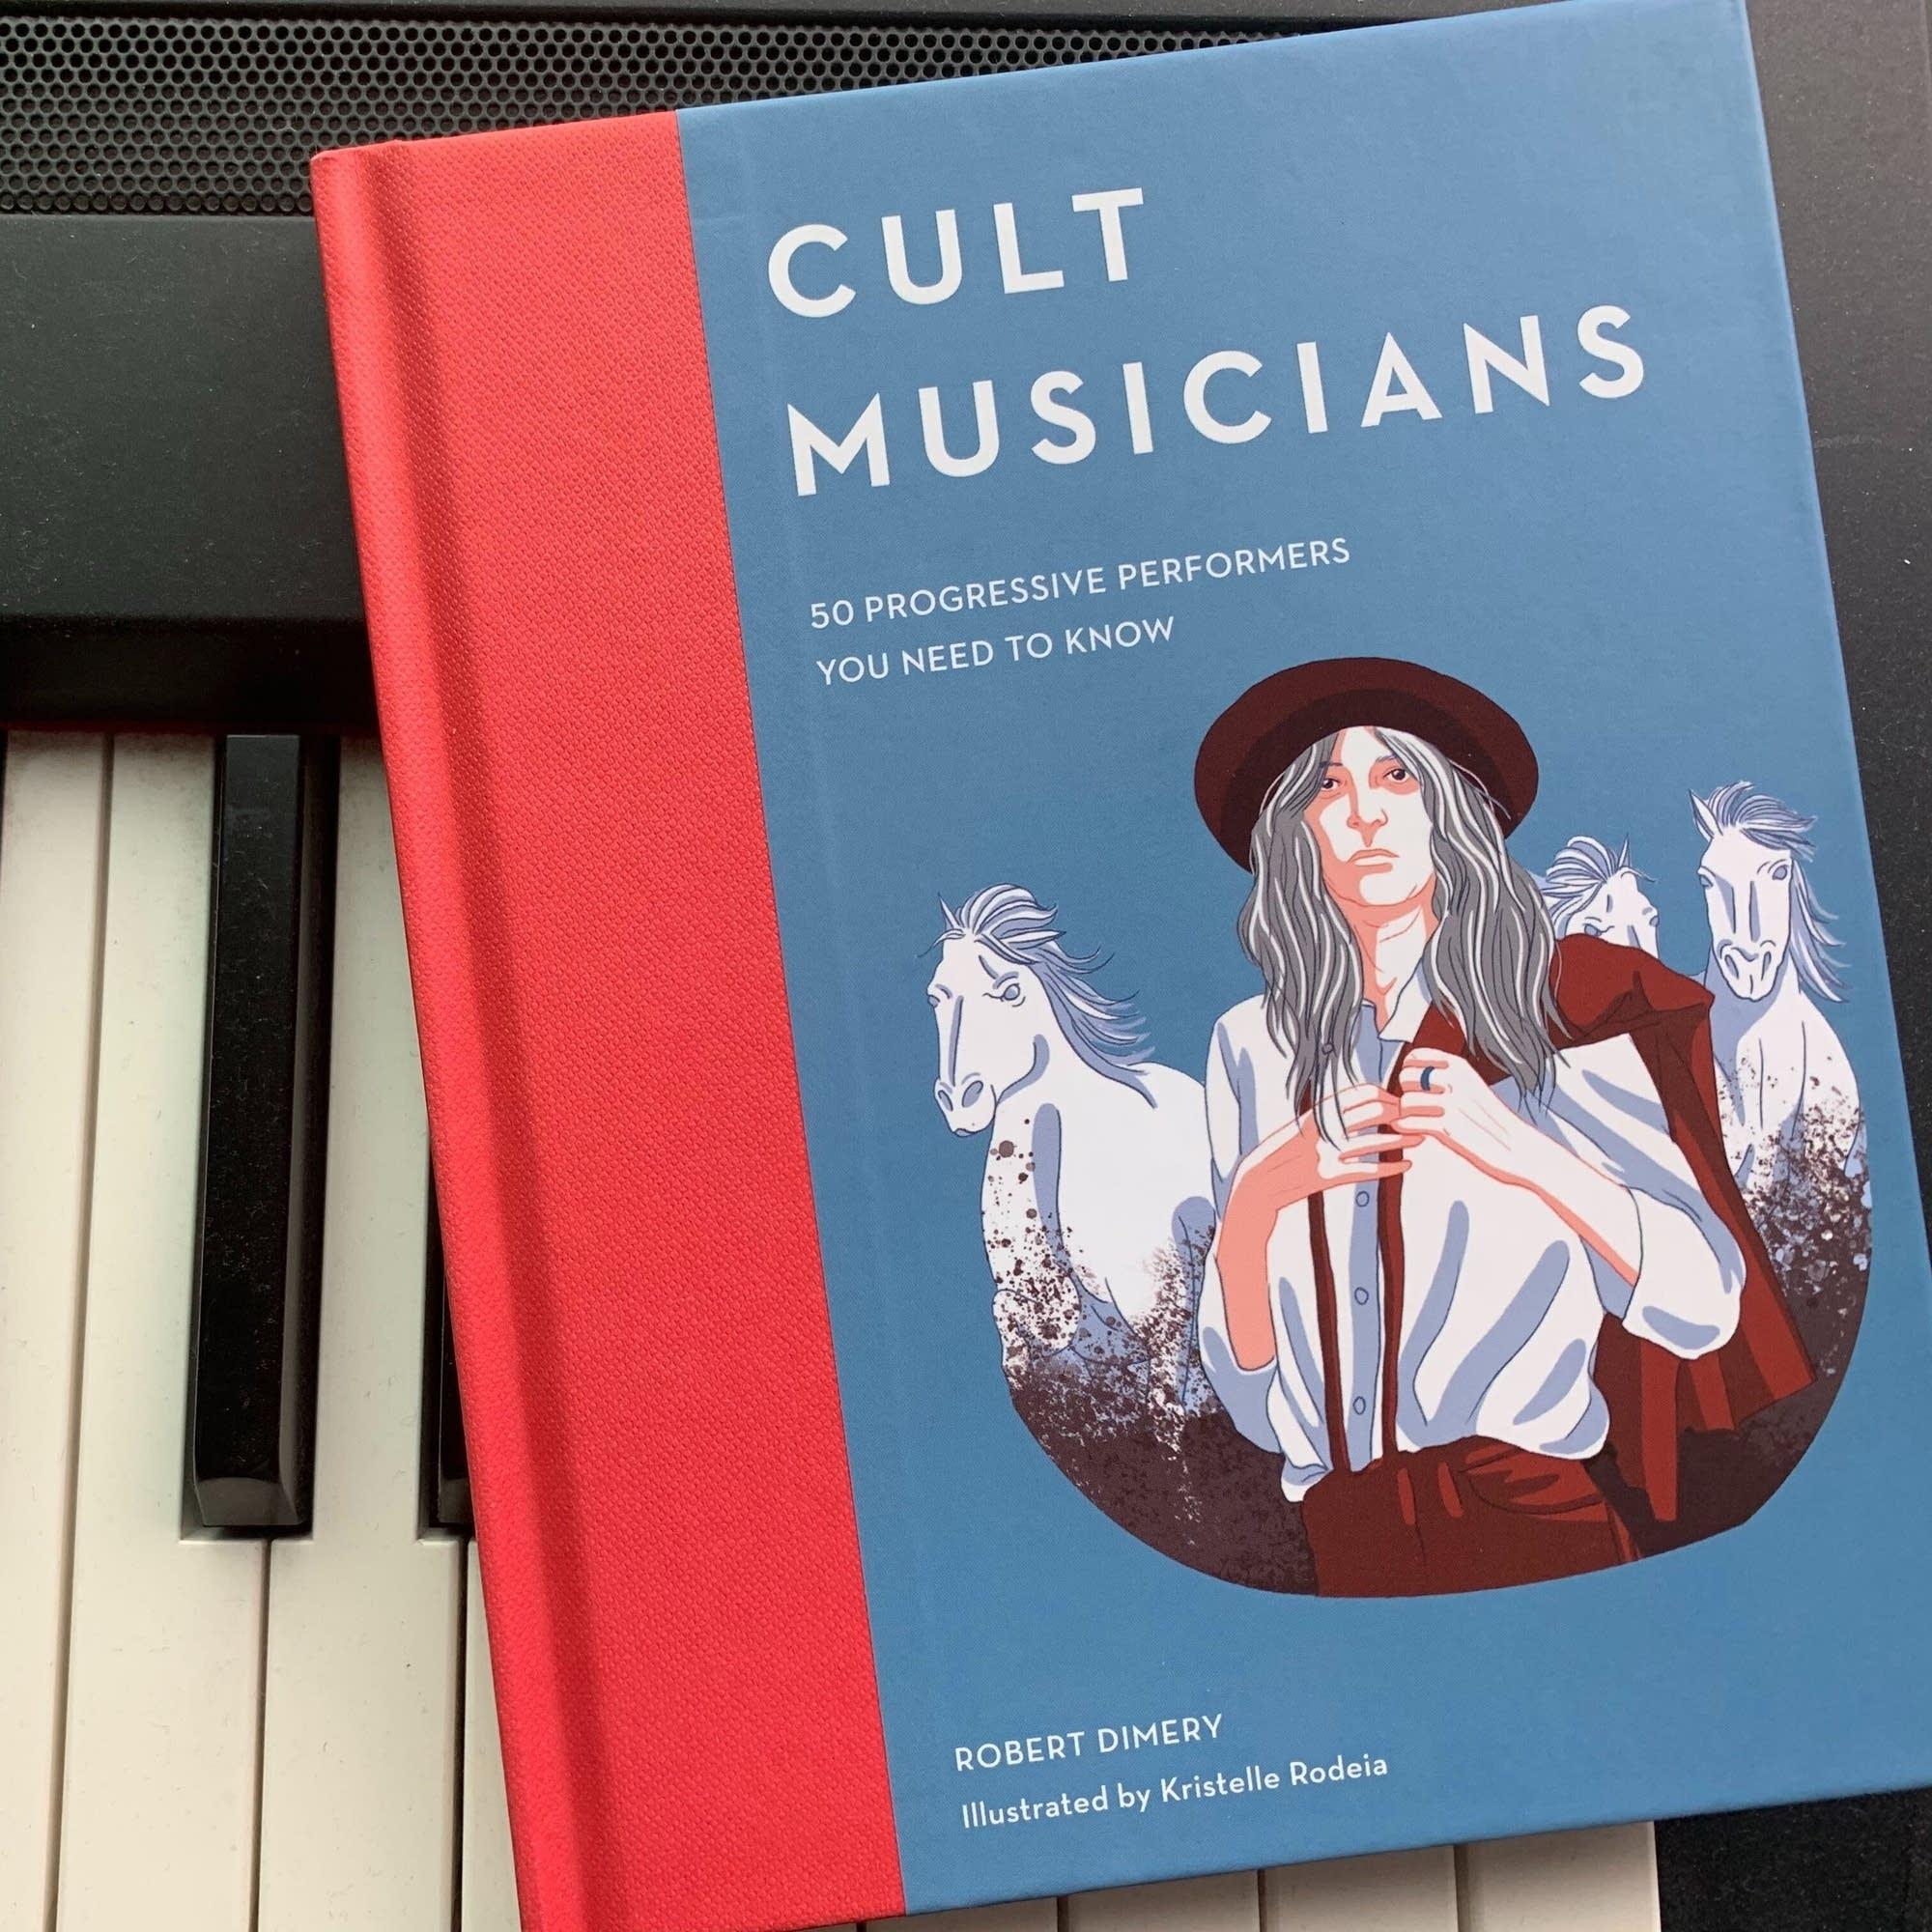 Robert Dimery's 'Cult Musicians.'